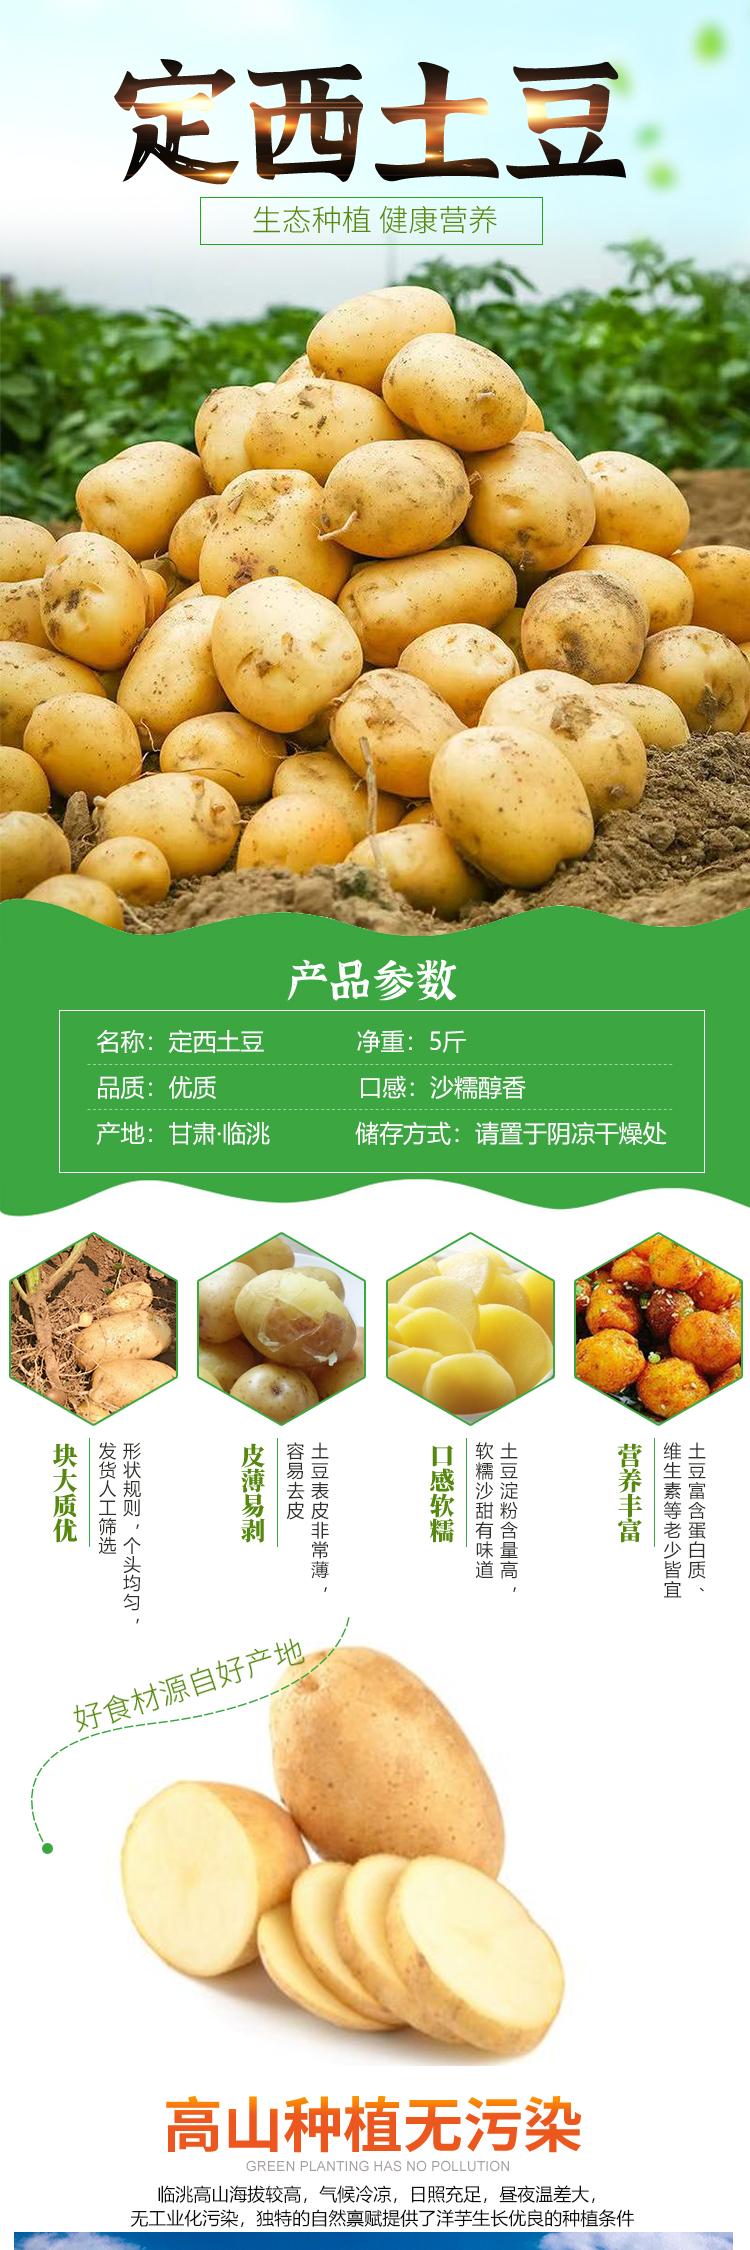 助力乡村振兴—定西新鲜土豆5斤装 现挖现发